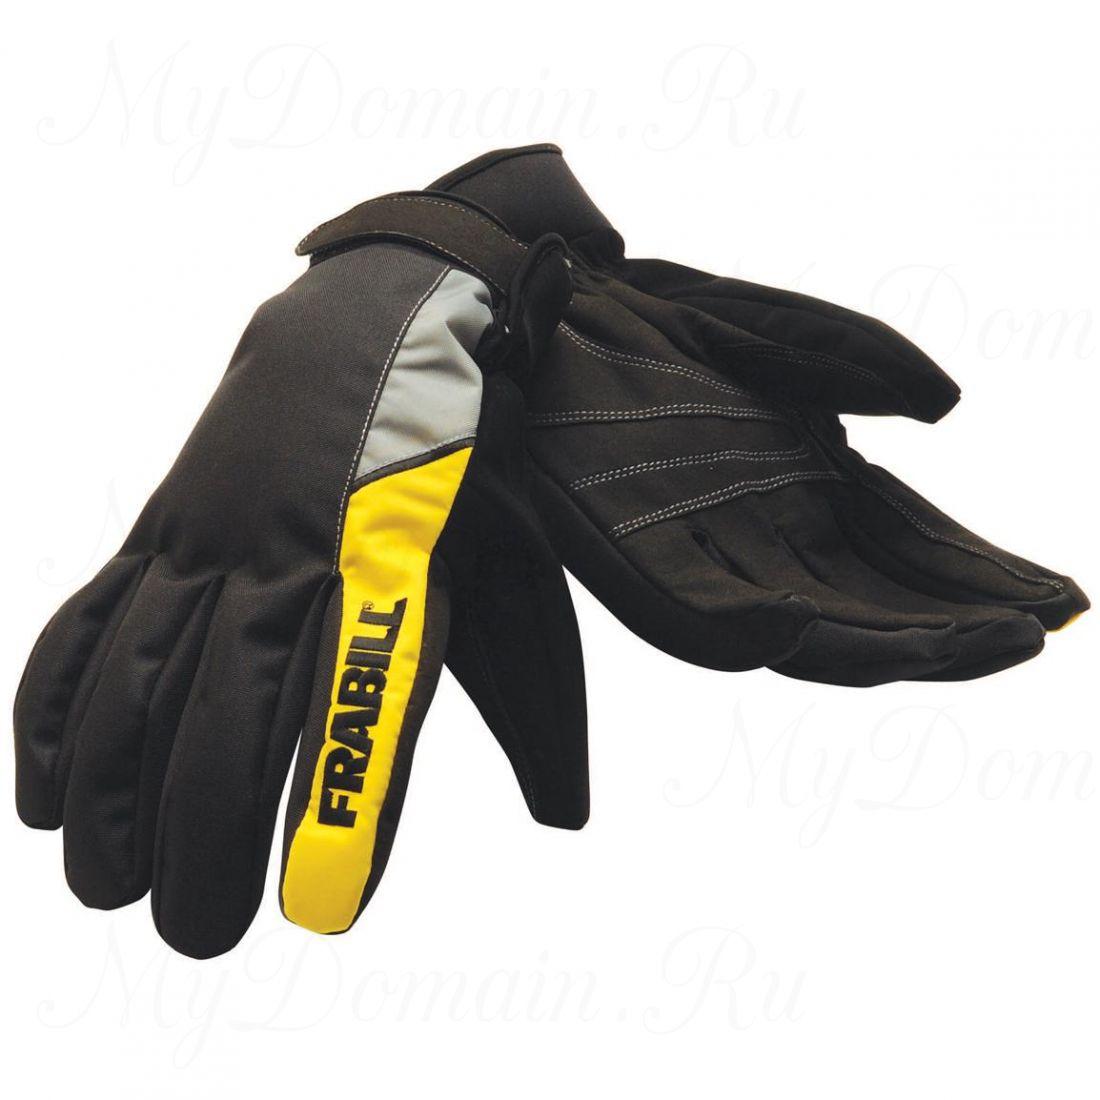 Перчатки FRABILL TASK GLOVE черные, водо/ветрозащитные, дышащие, размер 2XL